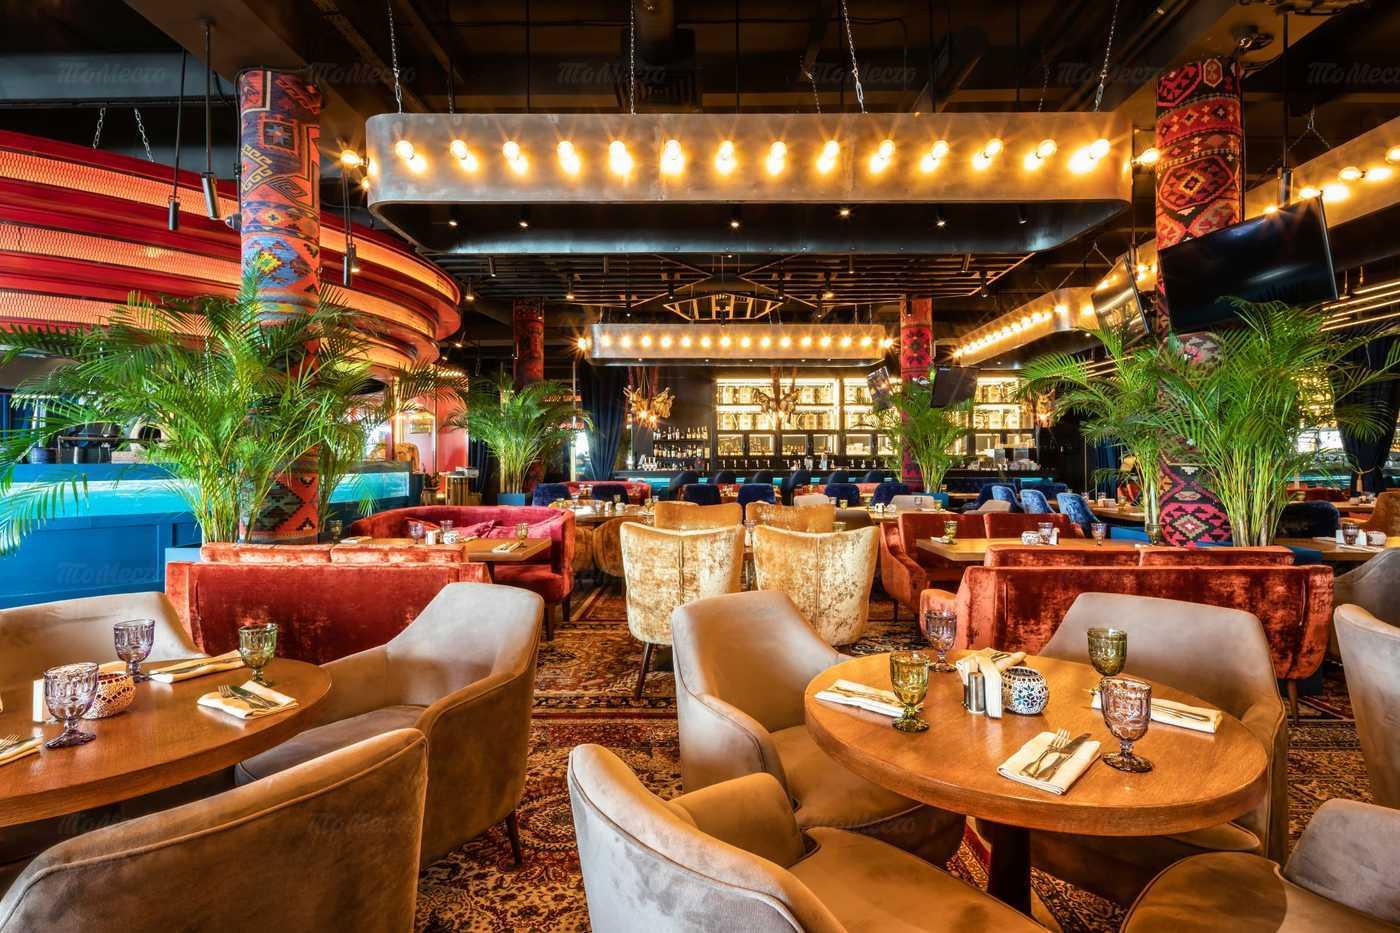 Ресторан Ишак (Eshak) на Новом Арбате  фото 17